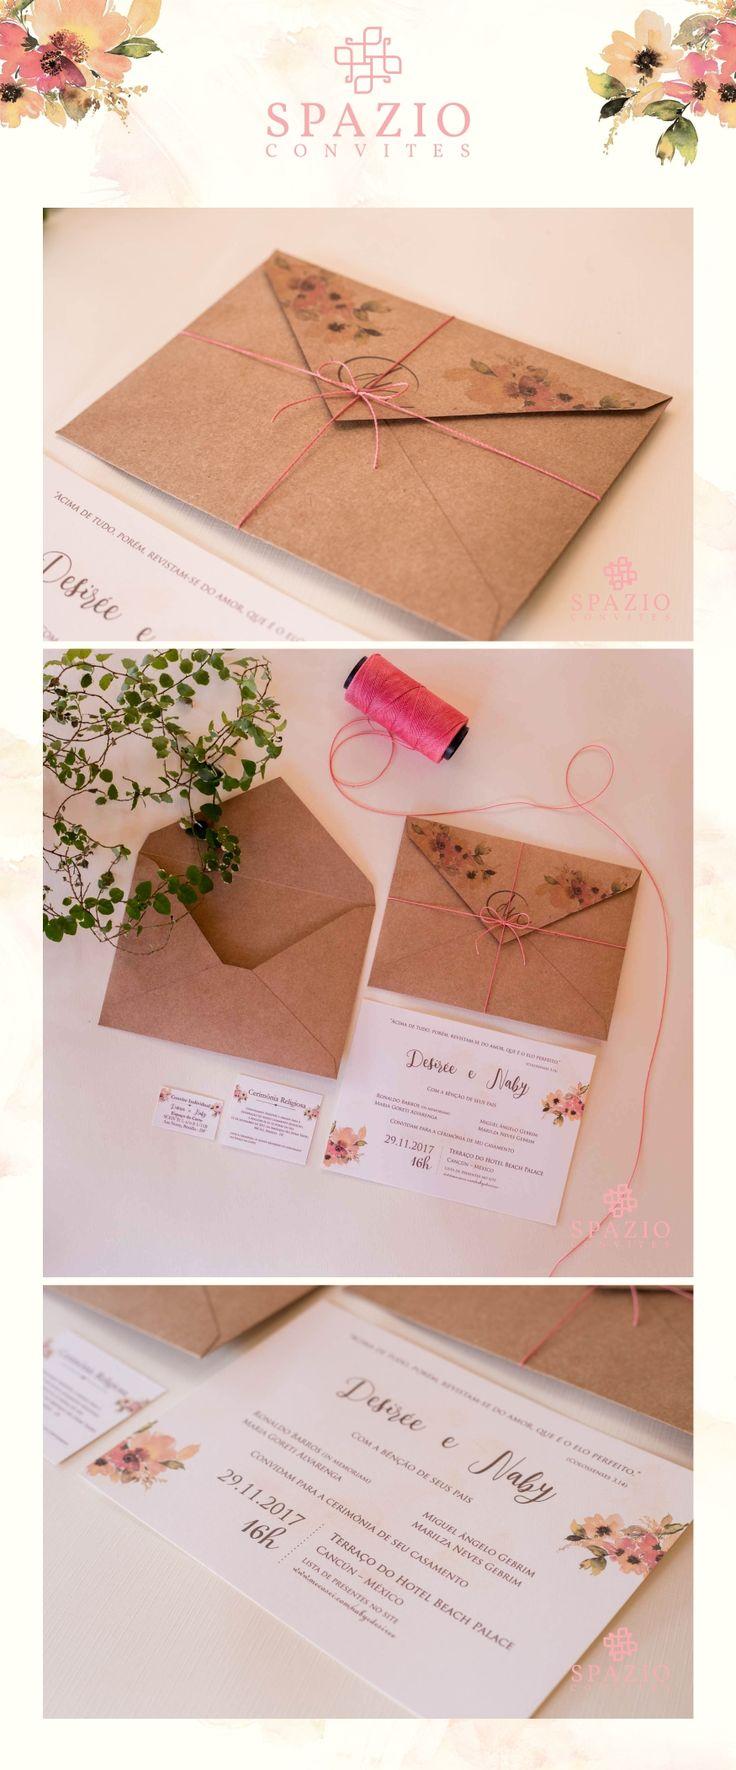 Convite de casamento rustico, casamento em cancun mexico | Noivos Nabi e Desiree, papel kraft com cordão rosa nude